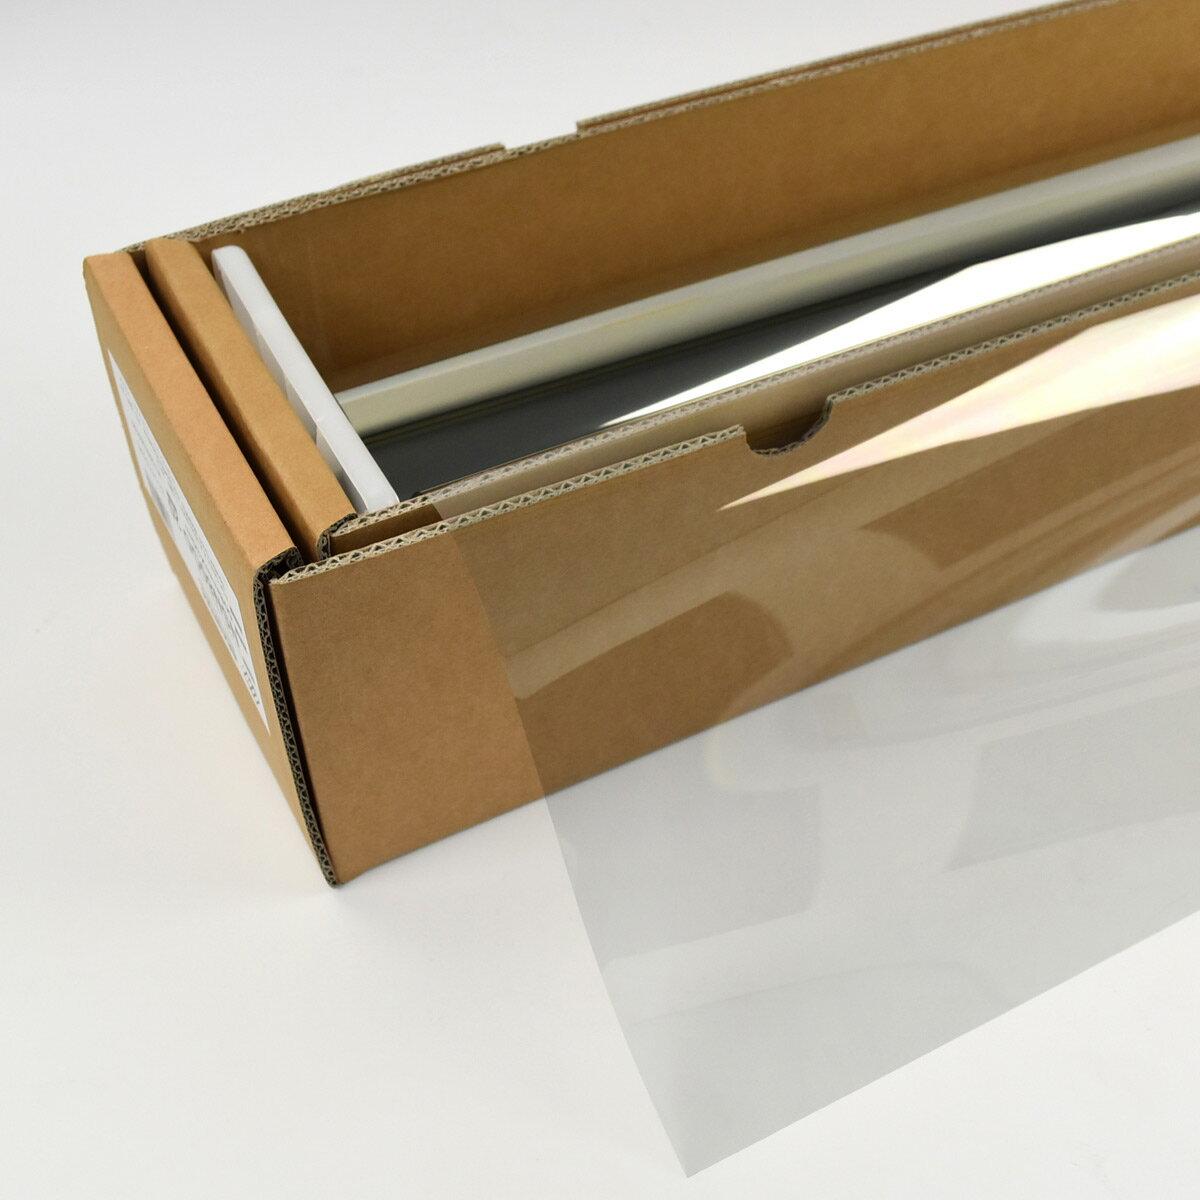 カーフィルム 窓ガラスフィルム スパッタゴールド80(82%) 50cm幅×長さ1m単位切売 遮熱フィルム 断熱フィルム UVカットフィルム ブレインテック Braintec